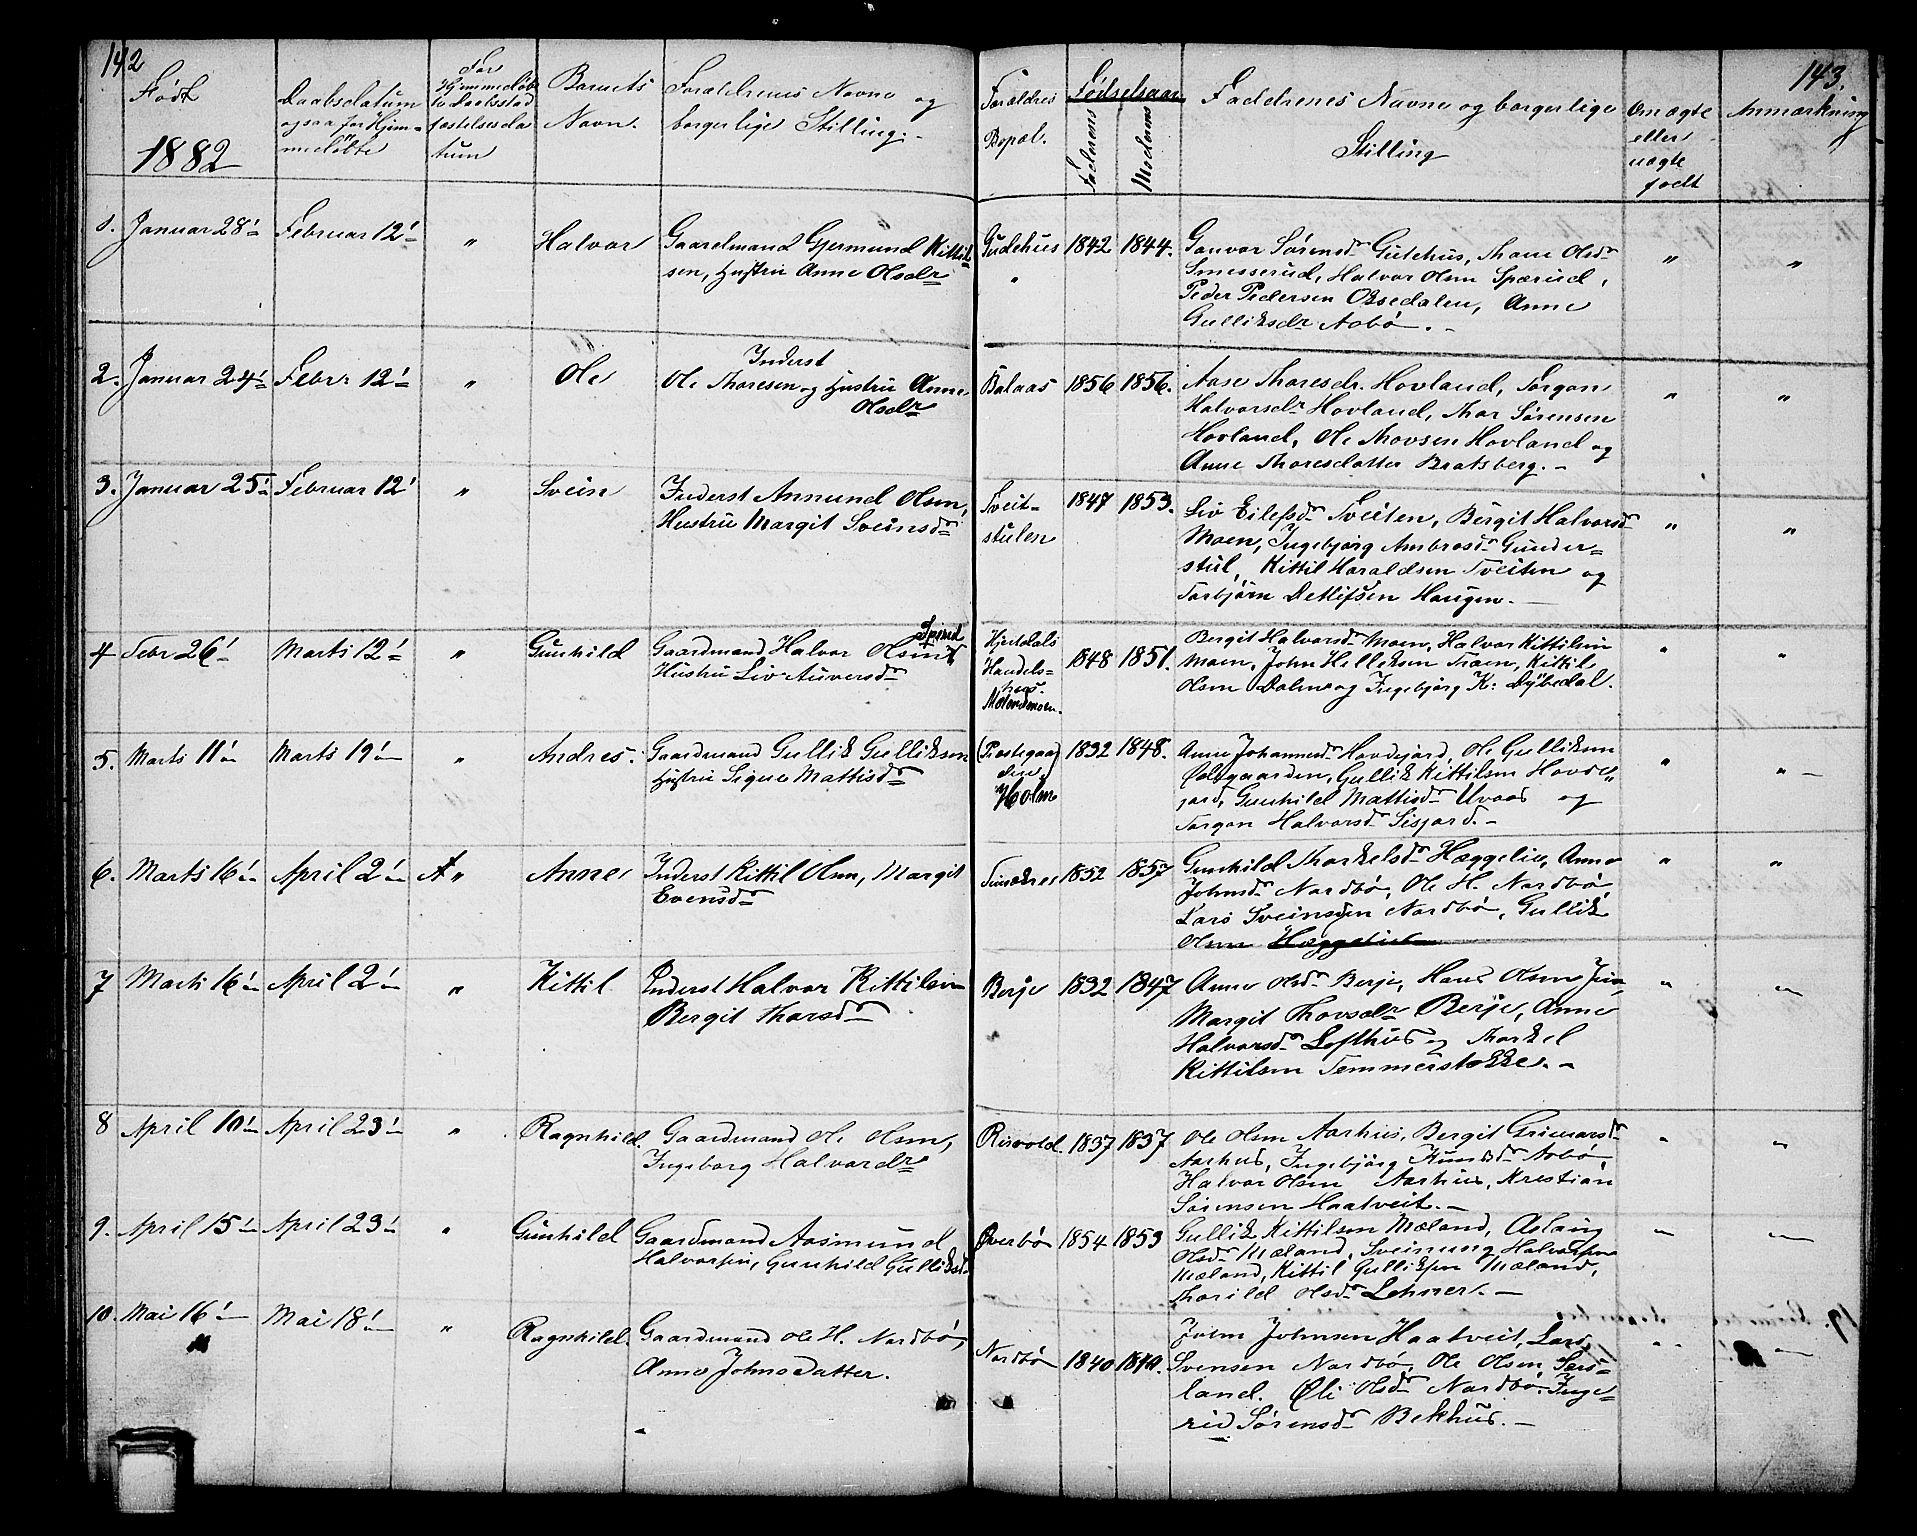 SAKO, Hjartdal kirkebøker, G/Ga/L0002: Klokkerbok nr. I 2, 1854-1888, s. 142-143